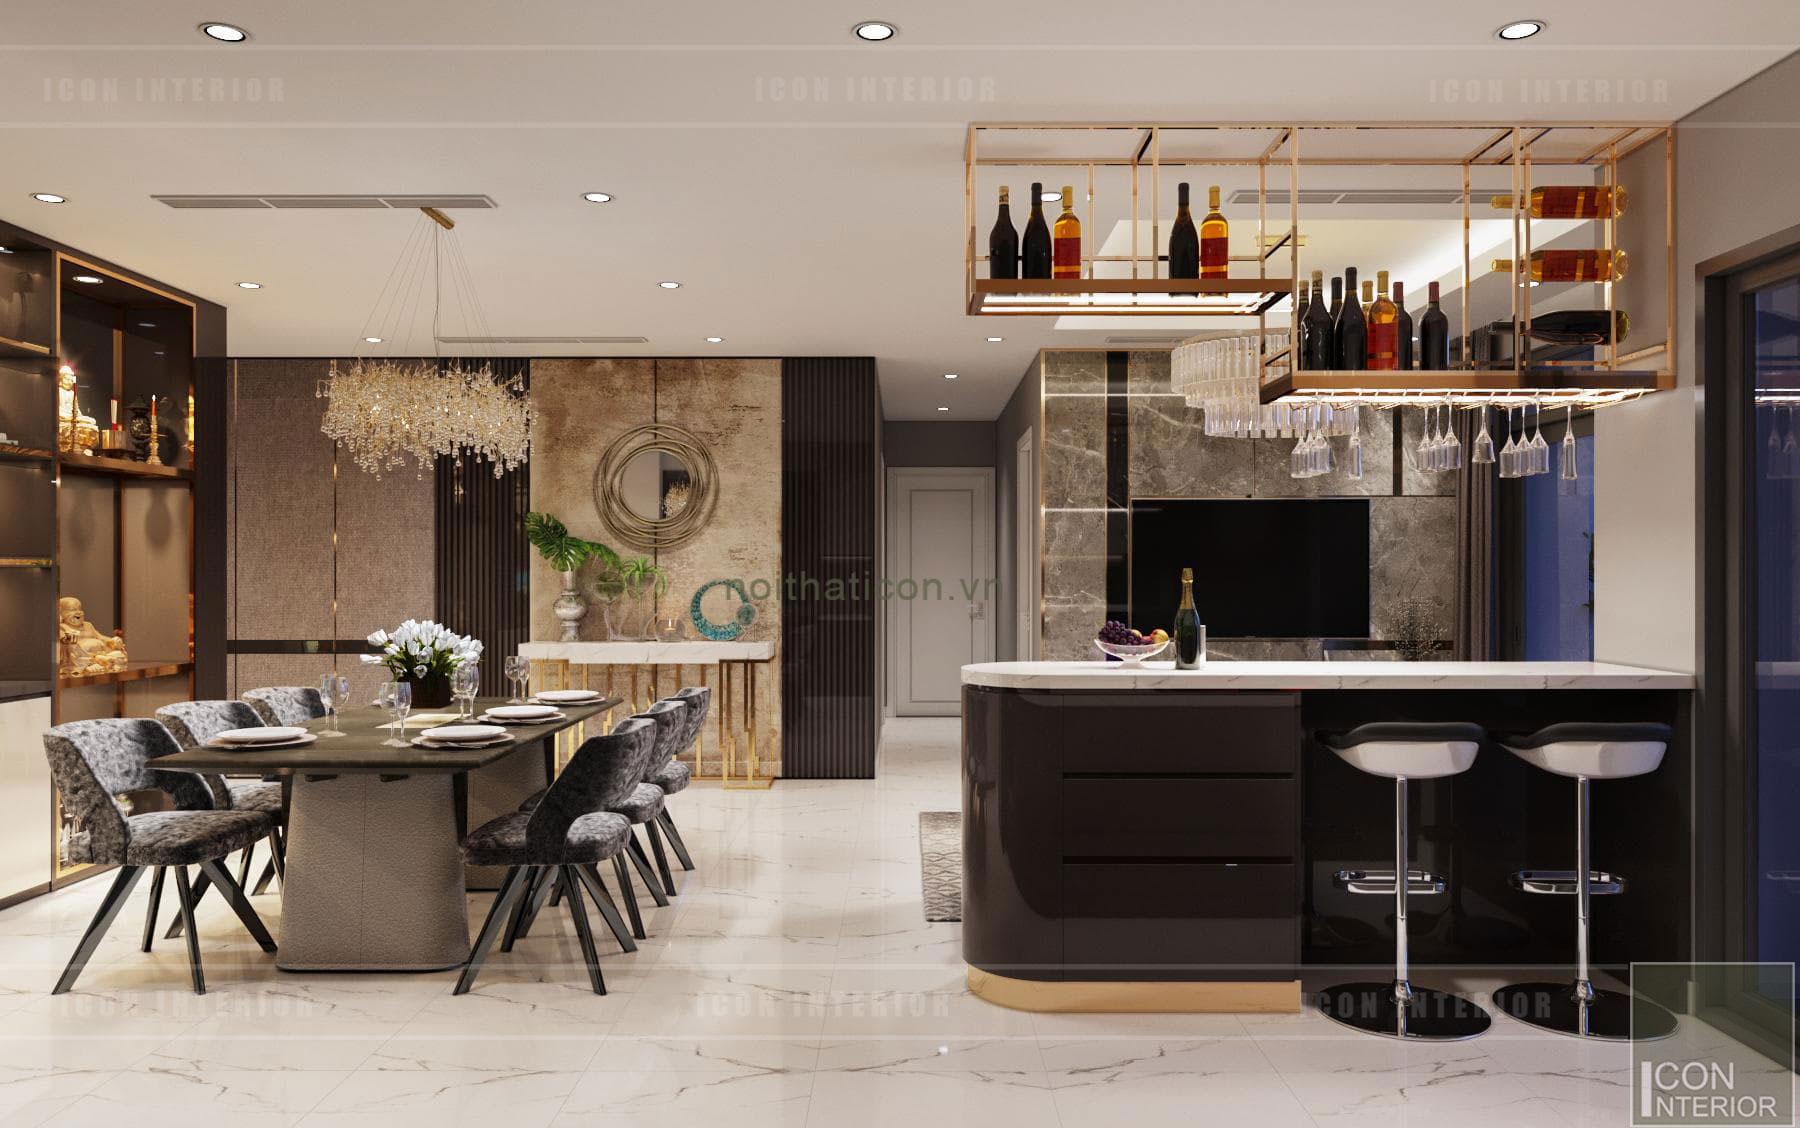 thiết kế căn hộ Landmark 6 Vinhomes Central Park - quầy bar